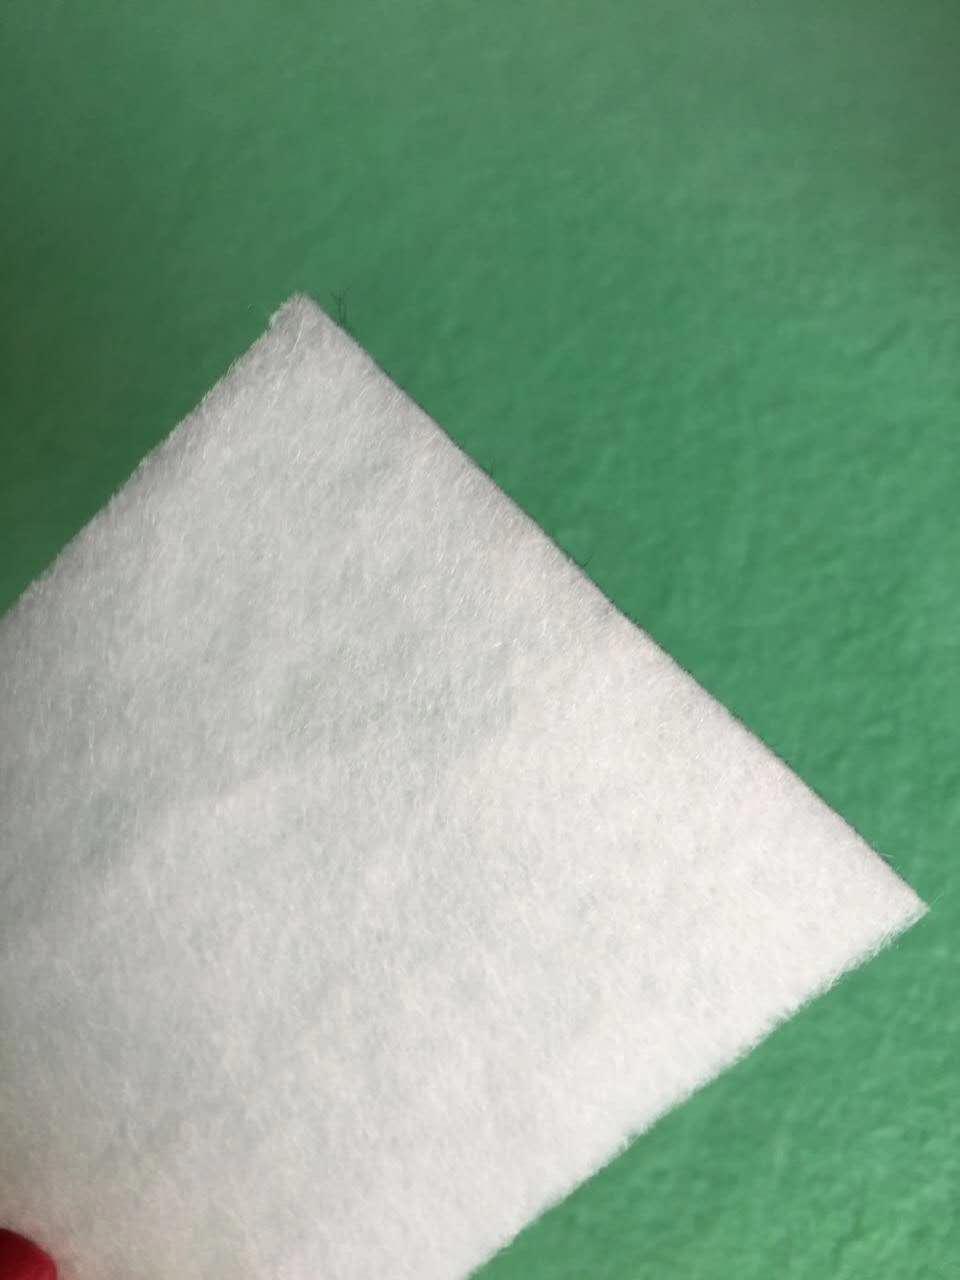 过滤网 LW-3,1000mm*1000mm,材质无纺布,干法制造